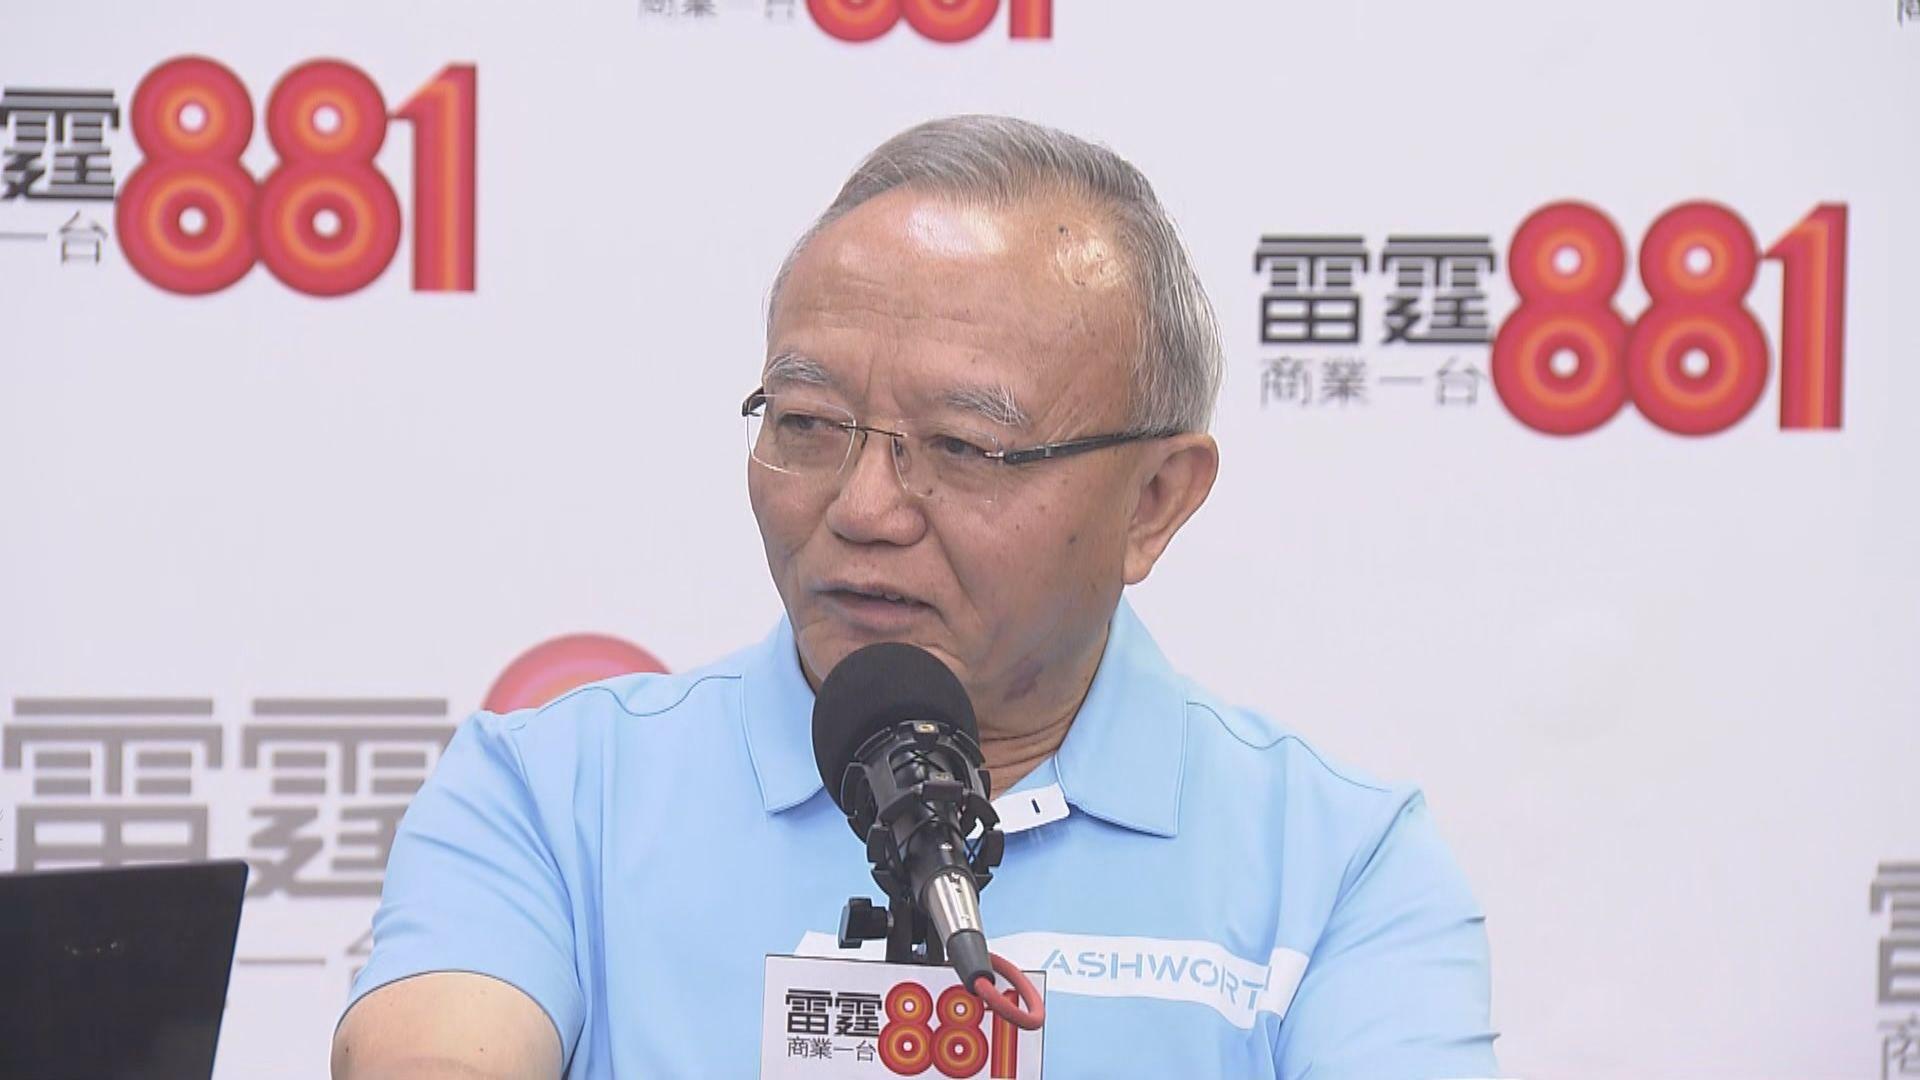 劉兆佳:中央不認為一國兩制已經失效